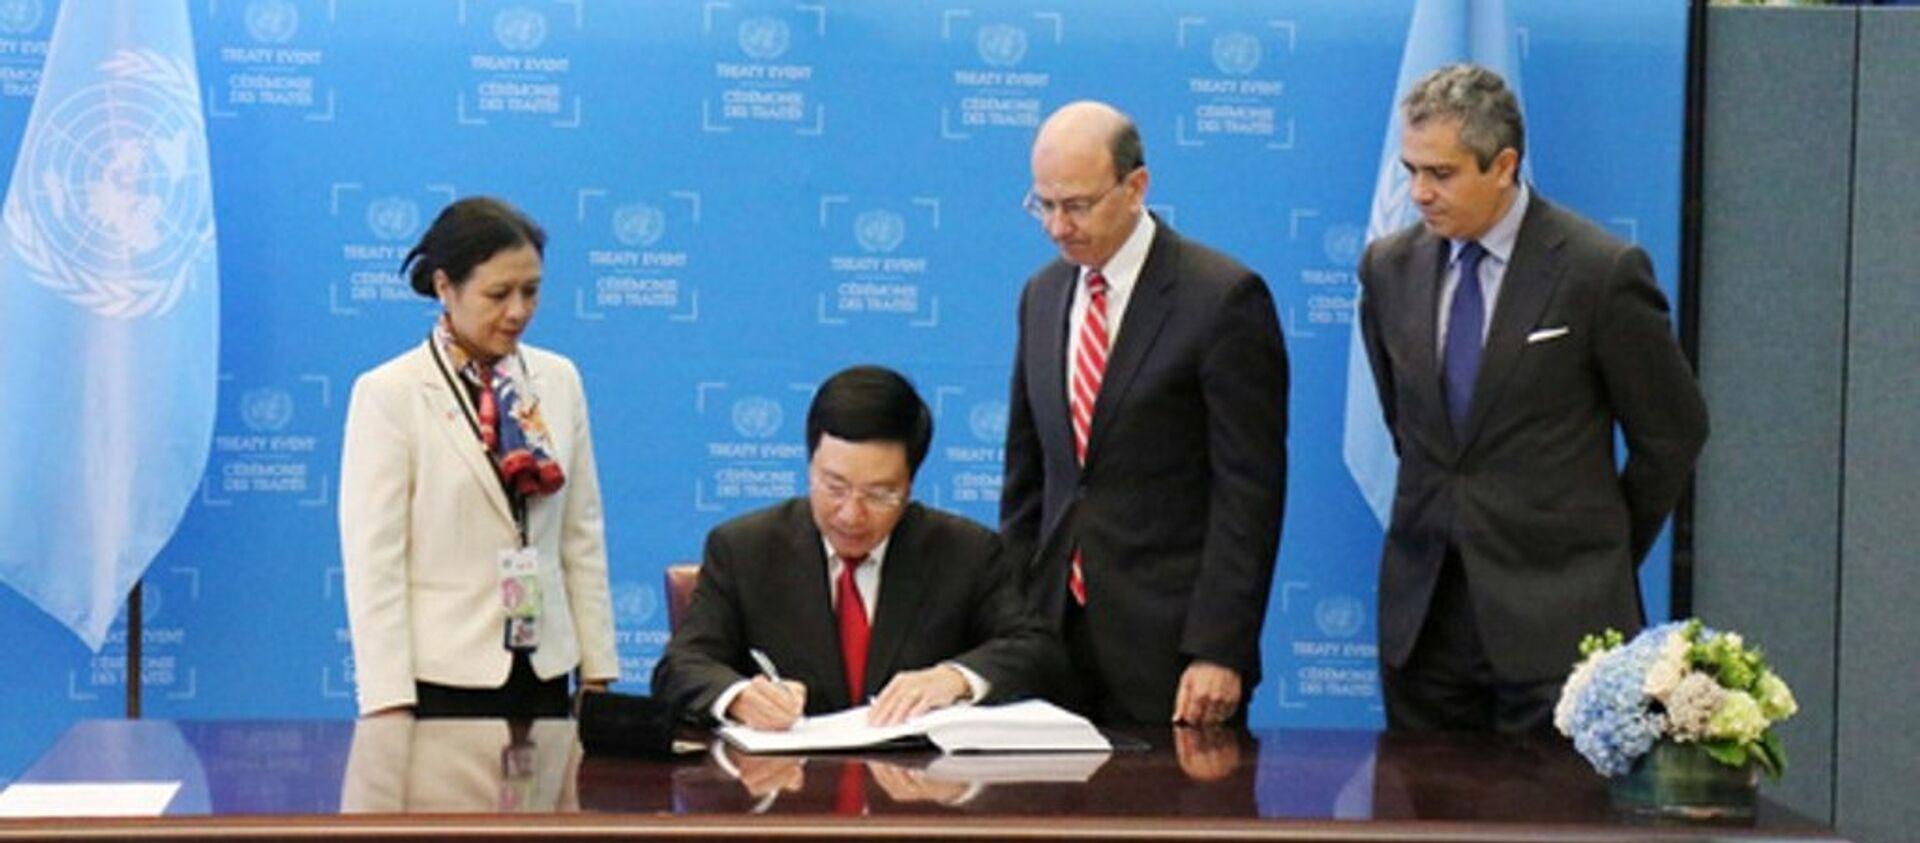 Phó Thủ tướng Phạm Bình Minh ký Hiệp ước Cấm vũ khí hạt nhân - Sputnik Việt Nam, 1920, 23.09.2017